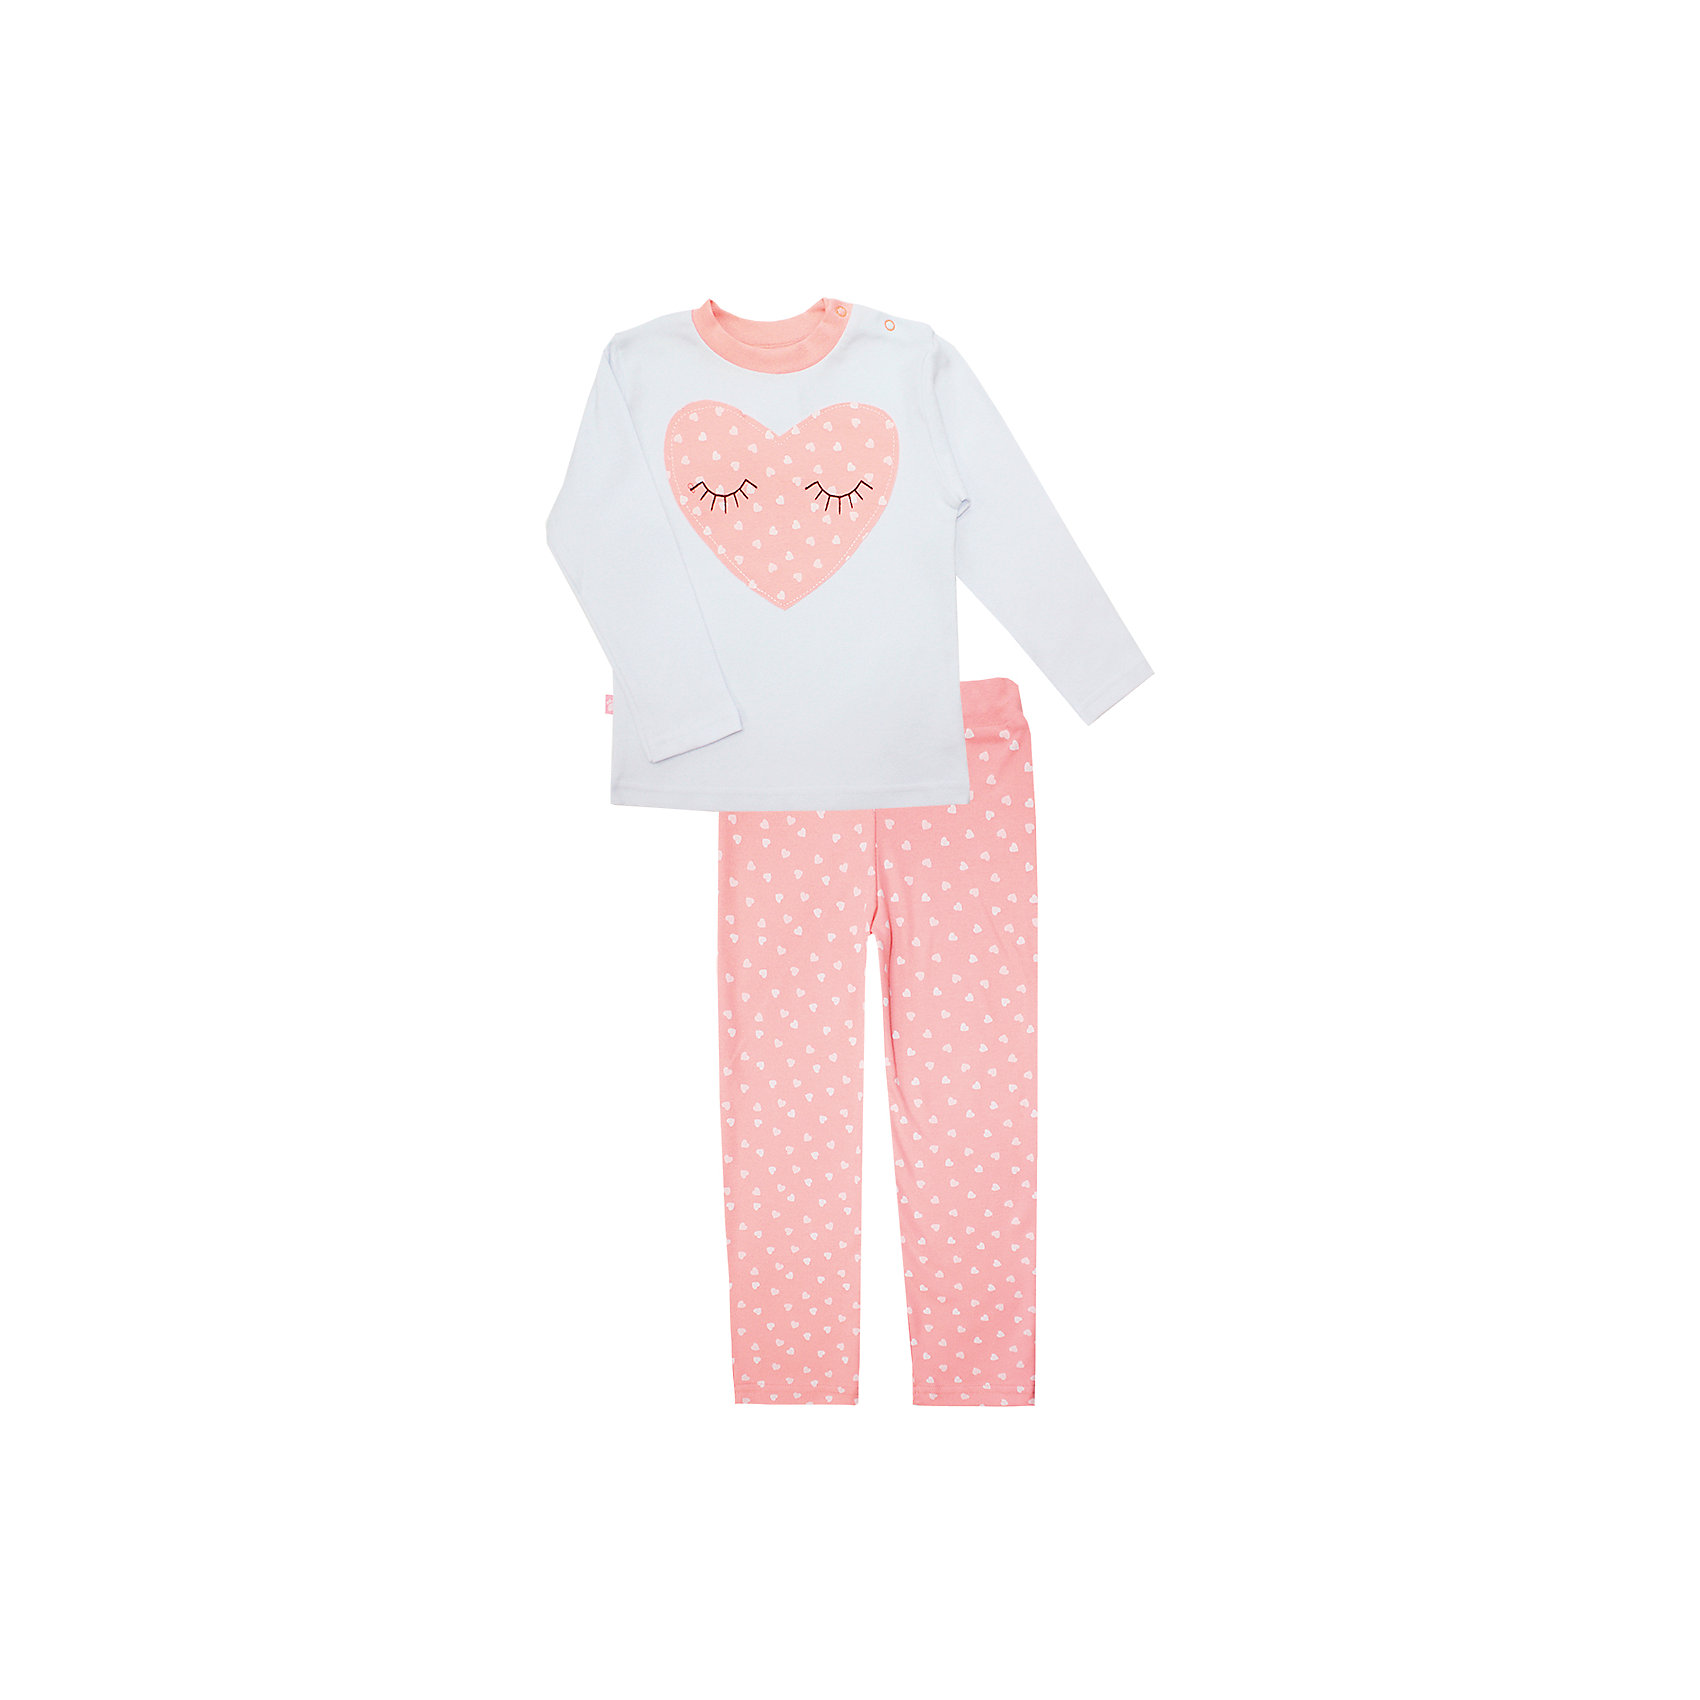 Пижама: футболка с длинным рукавом и штаны для девочки KotMarKotПижамы и сорочки<br>Пижама: футболка с длинным рукавом и штаны для девочки от известного бренда KotMarKot<br>Состав:<br>100% хлопок<br><br>Ширина мм: 281<br>Глубина мм: 70<br>Высота мм: 188<br>Вес г: 295<br>Цвет: розовый<br>Возраст от месяцев: 60<br>Возраст до месяцев: 72<br>Пол: Женский<br>Возраст: Детский<br>Размер: 116,134,128,110,122,104<br>SKU: 4873334